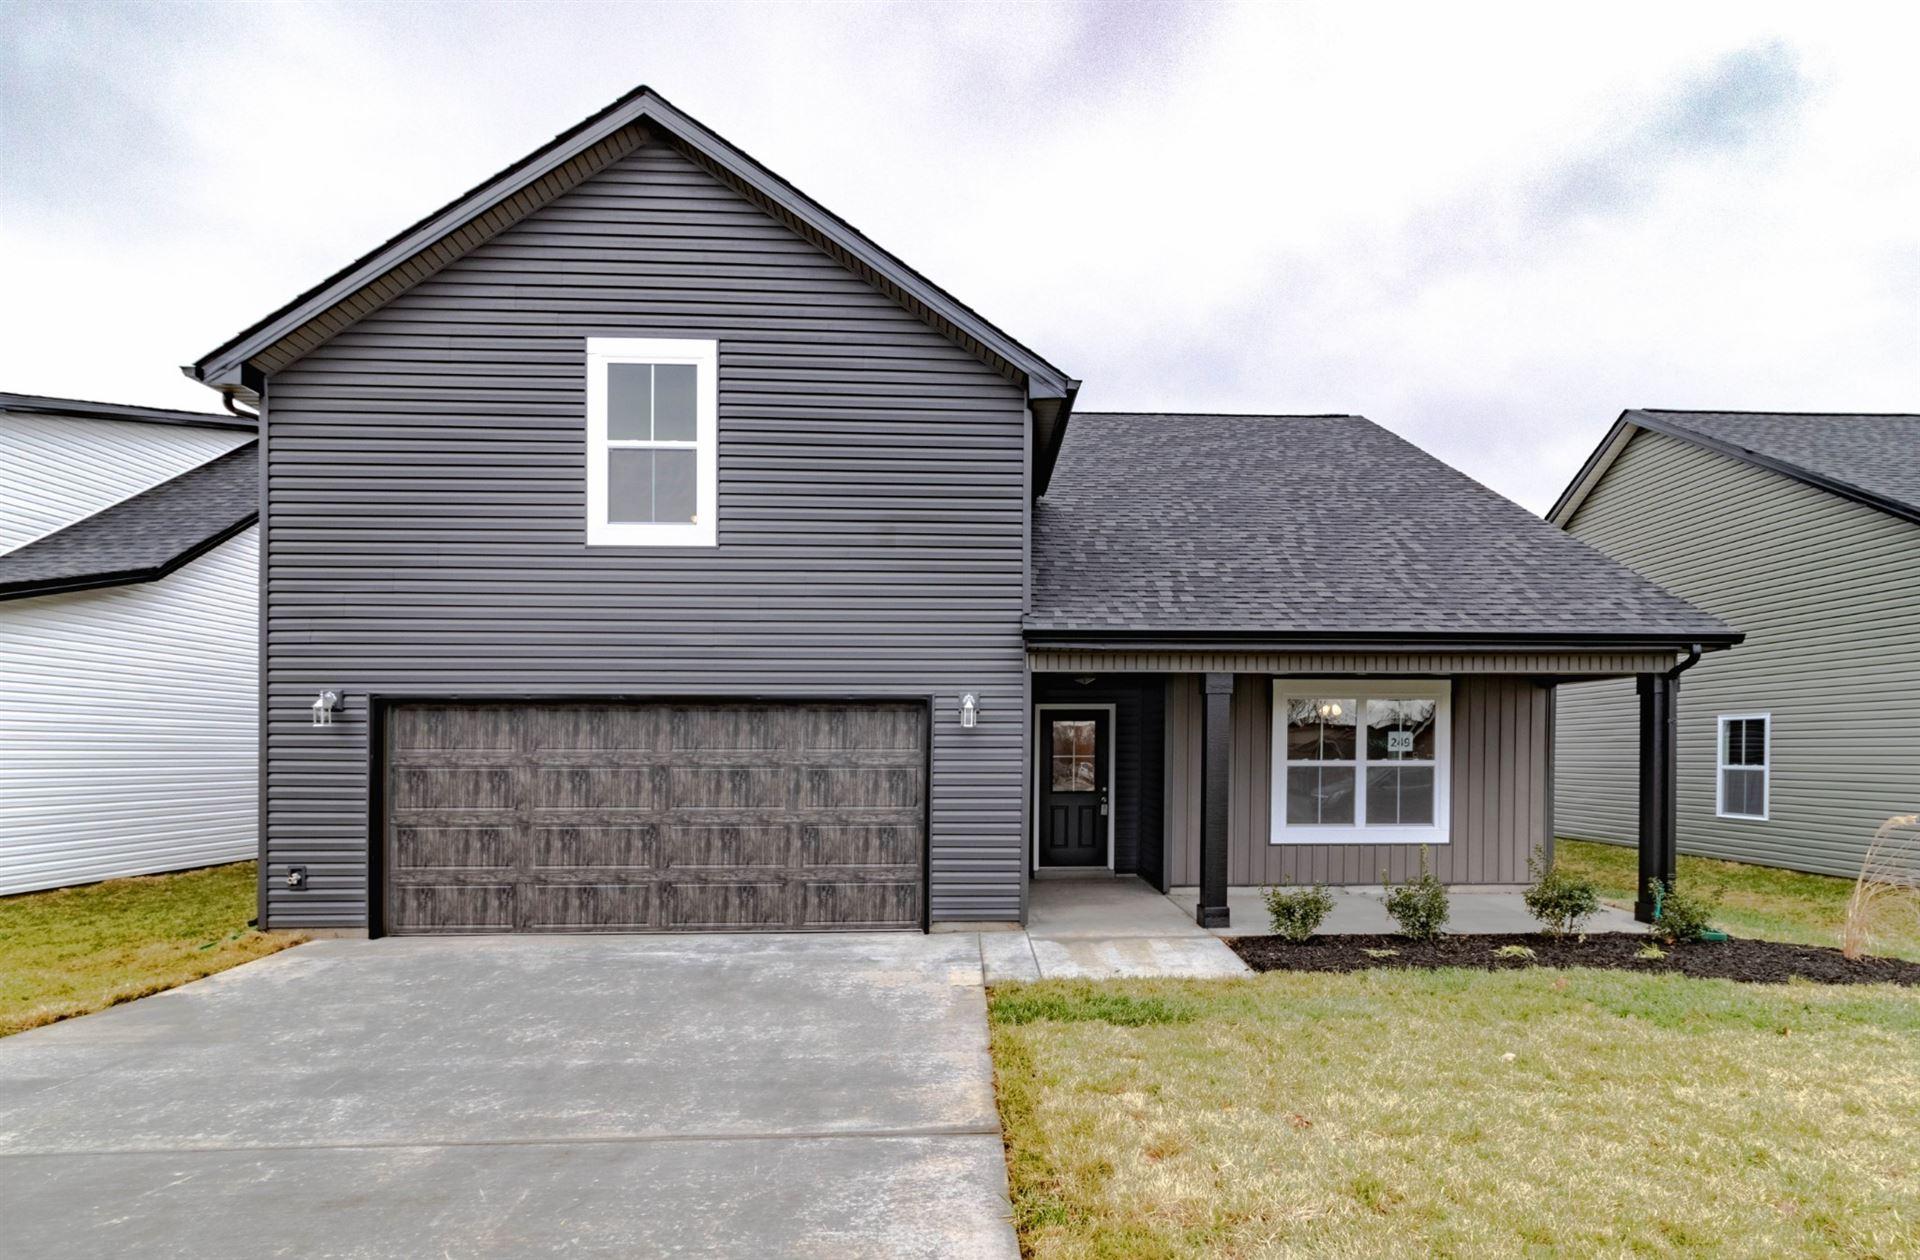 128 Chalet Hills, Clarksville, TN 37040 - MLS#: 2226691